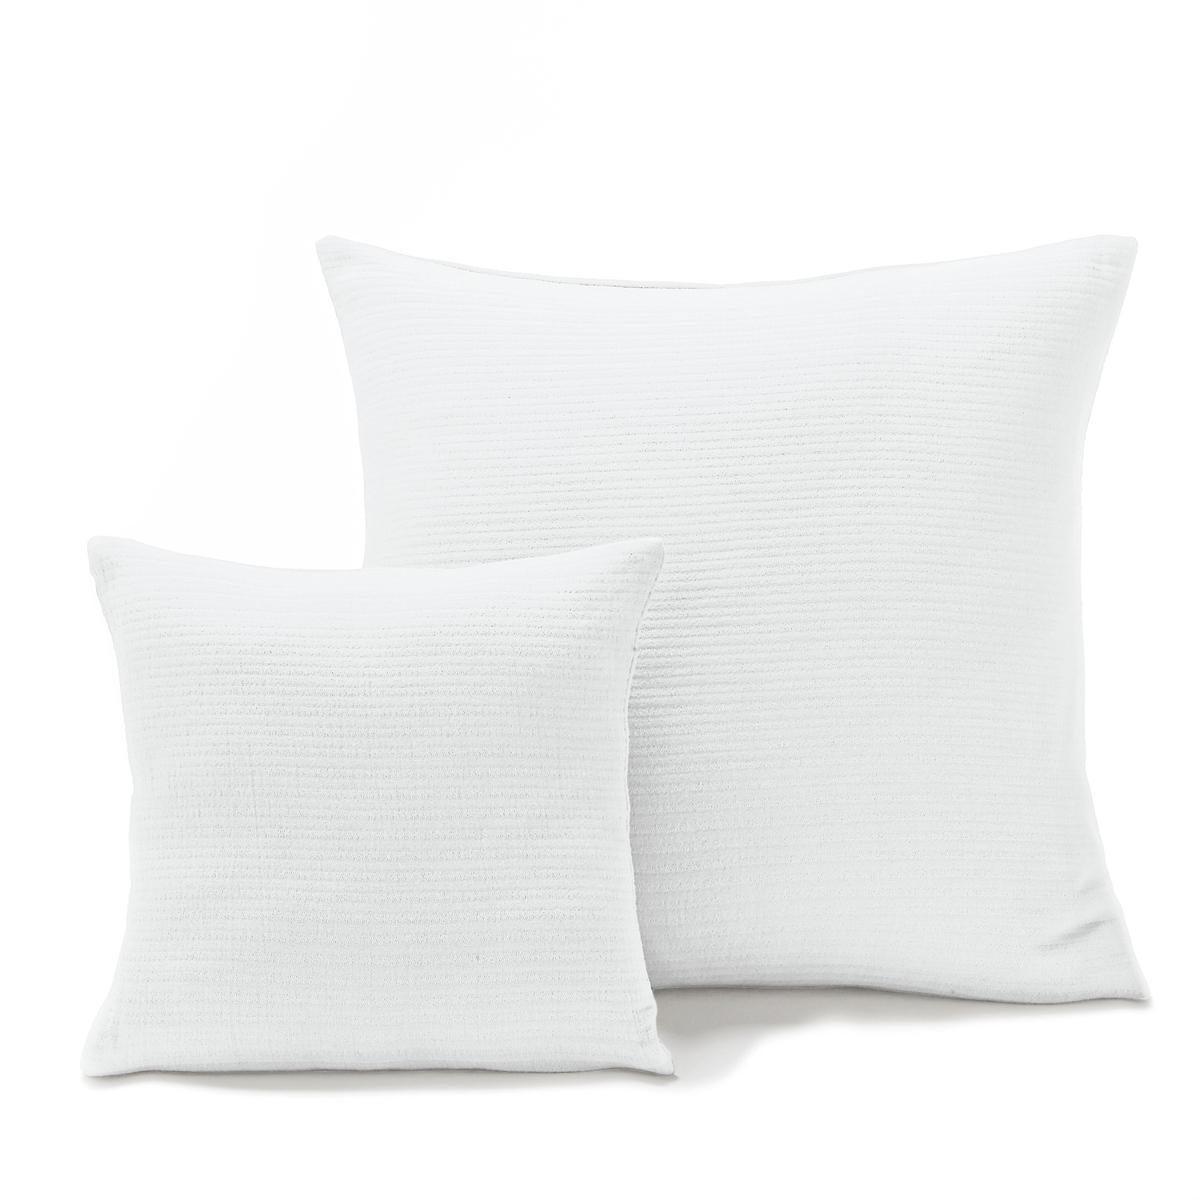 Наволочка на подушку-валик или наволочка на подушку ILHOW